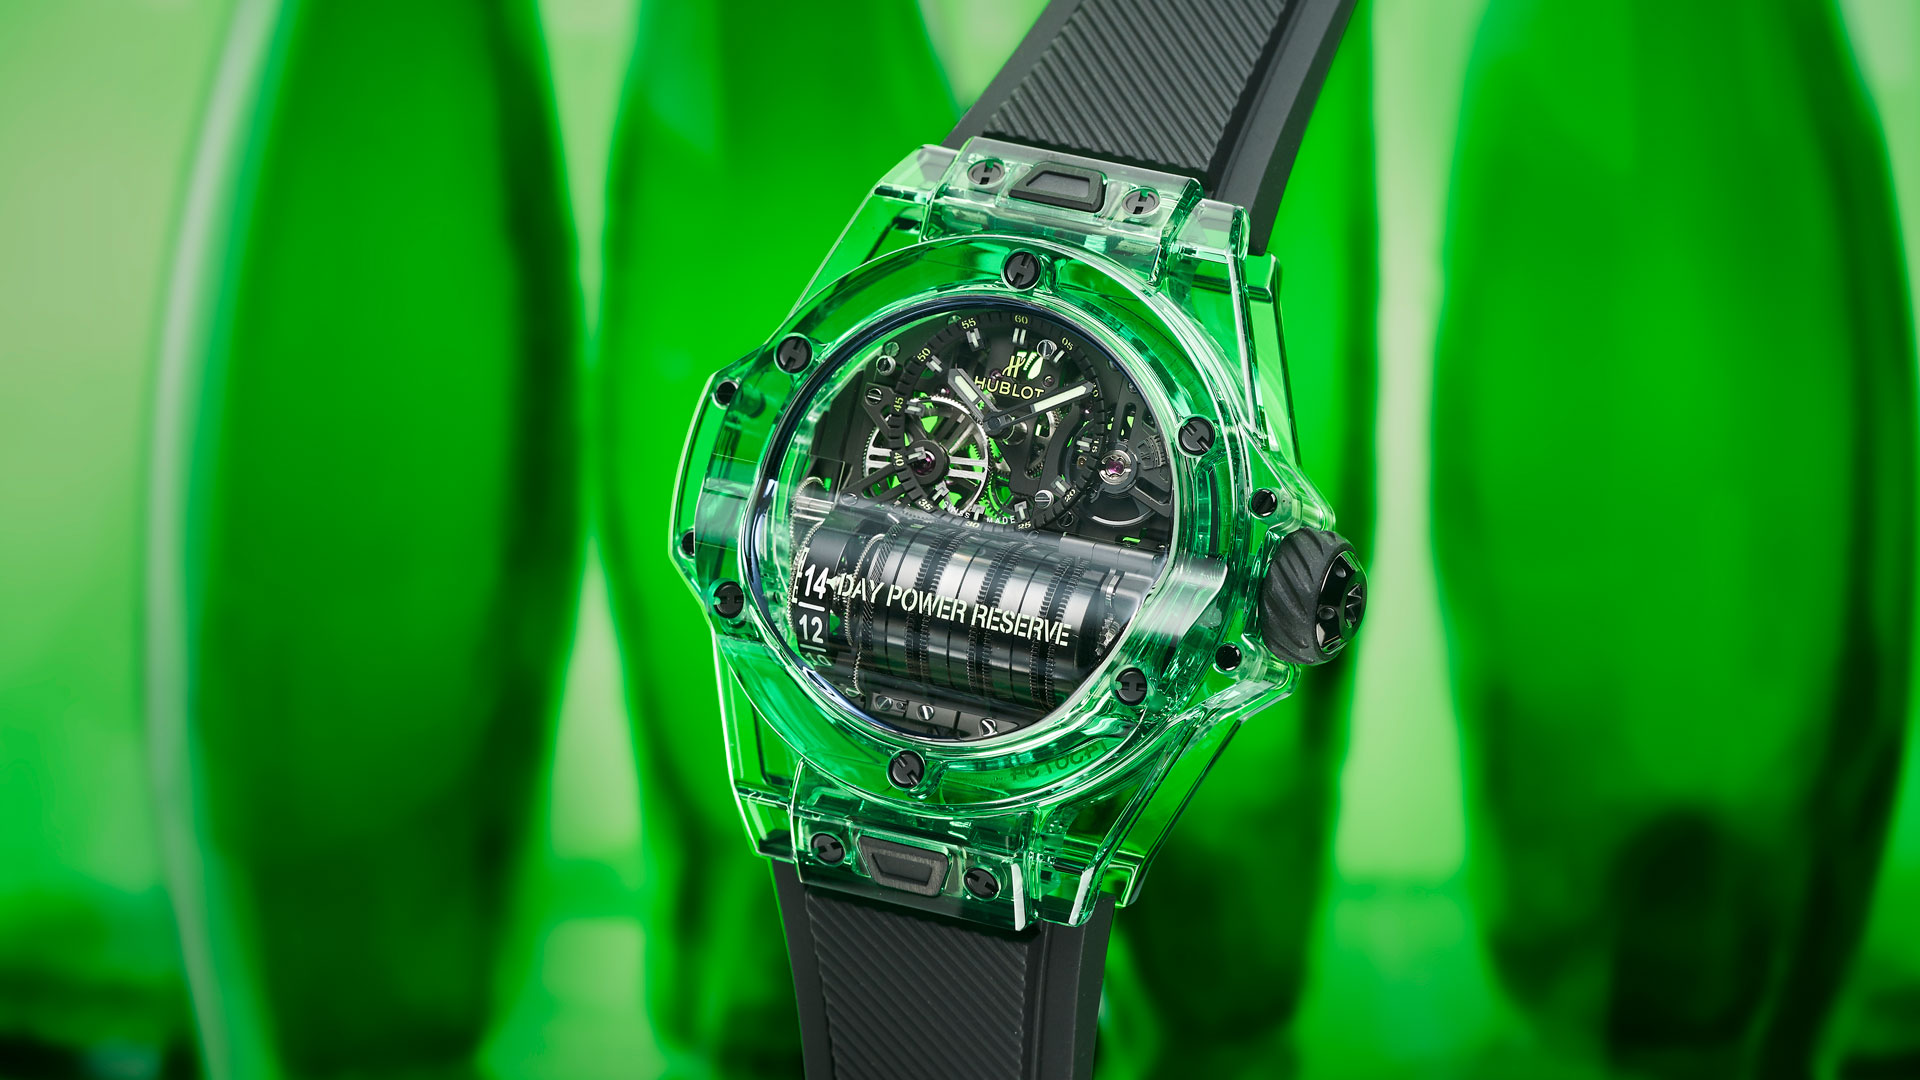 Imagen del reloj Big Bang MP 11 de Hublot